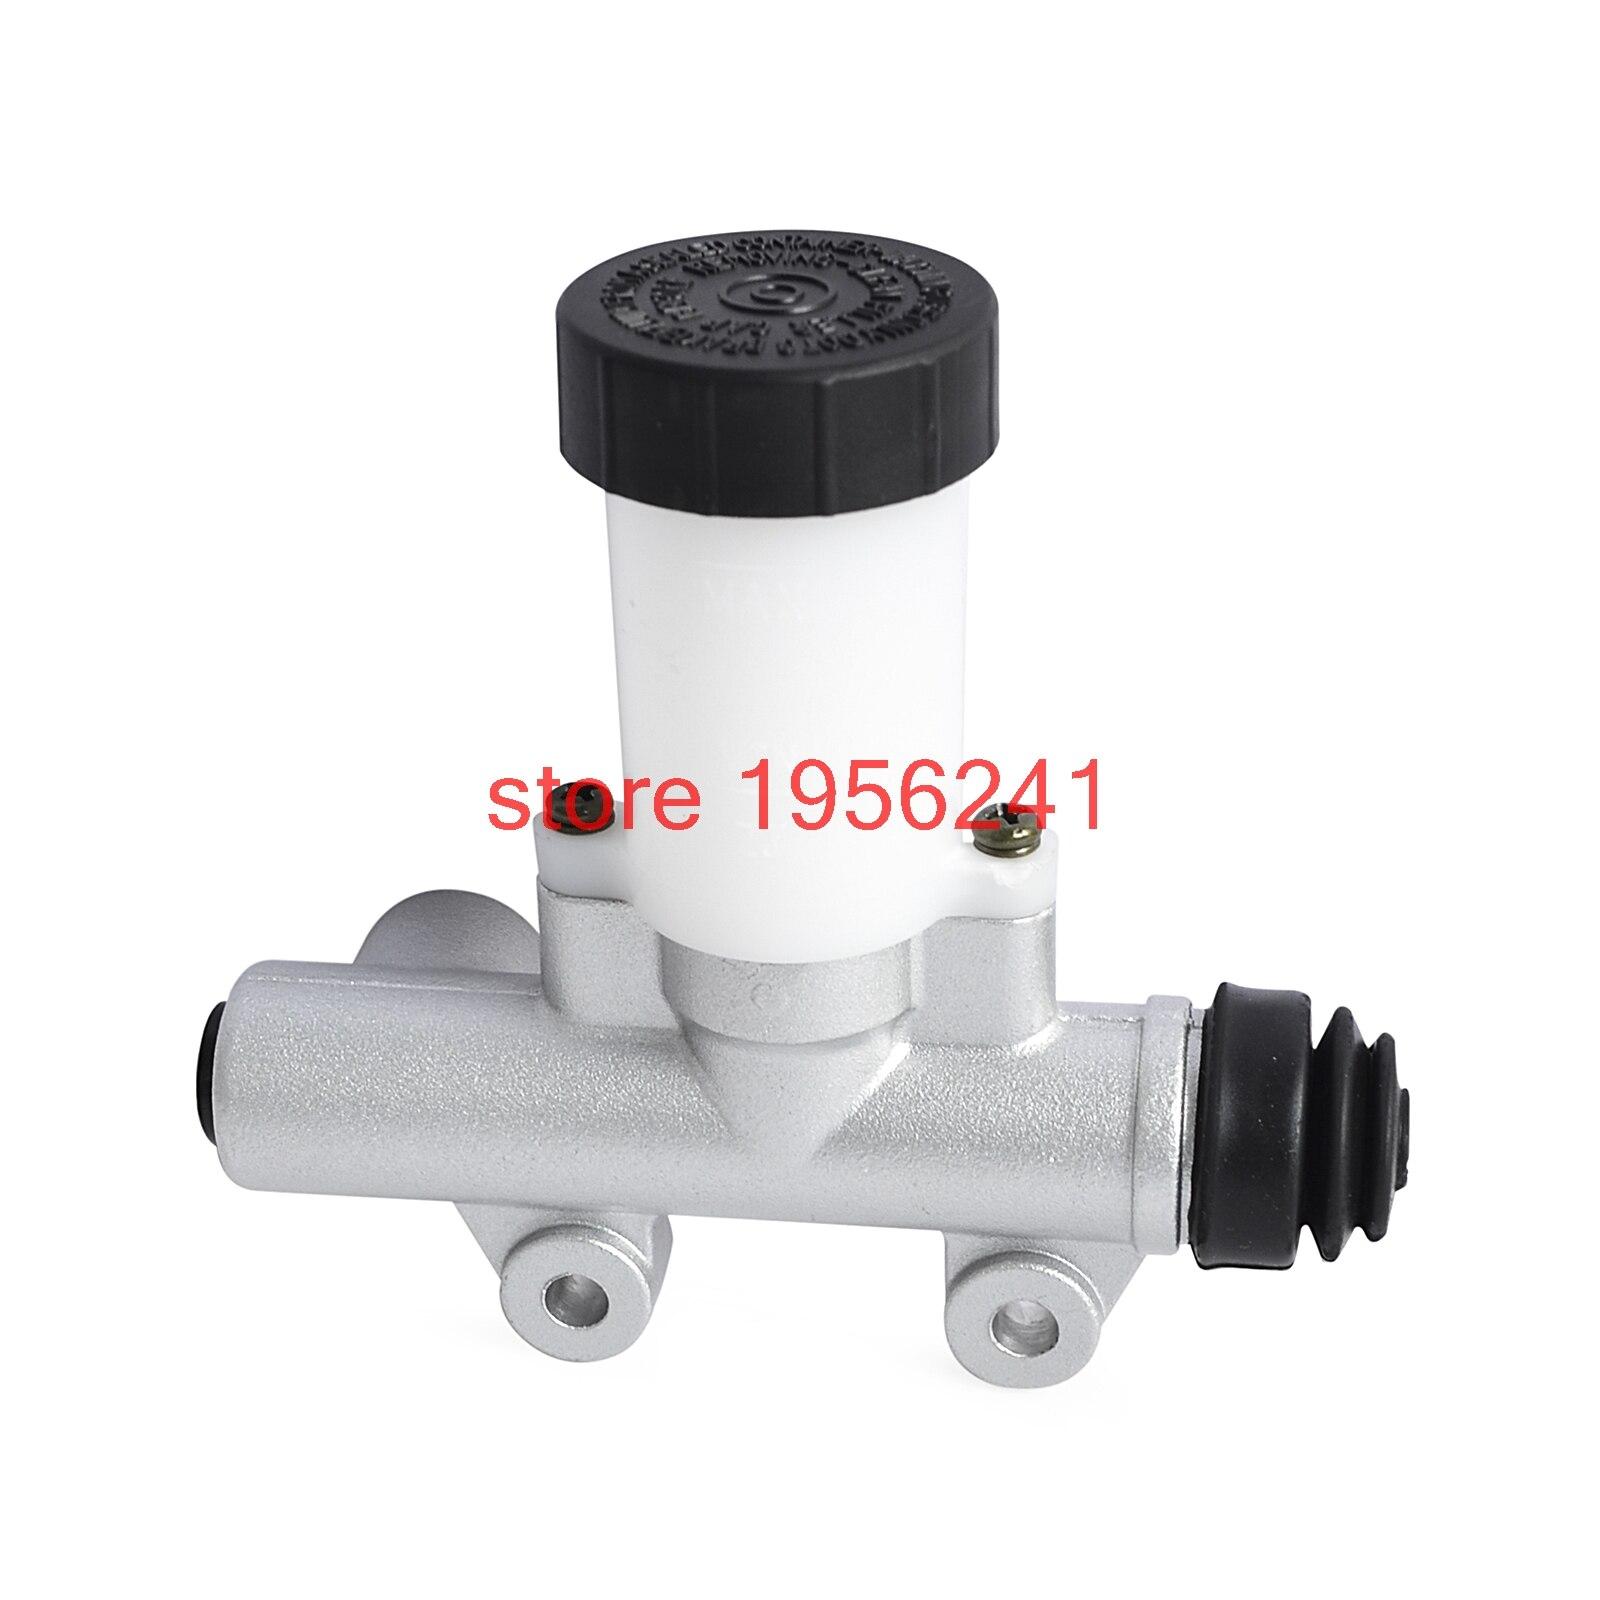 ₪Reemplazo freno hidráulico cilindro maestro para hammerhead 80 t ...